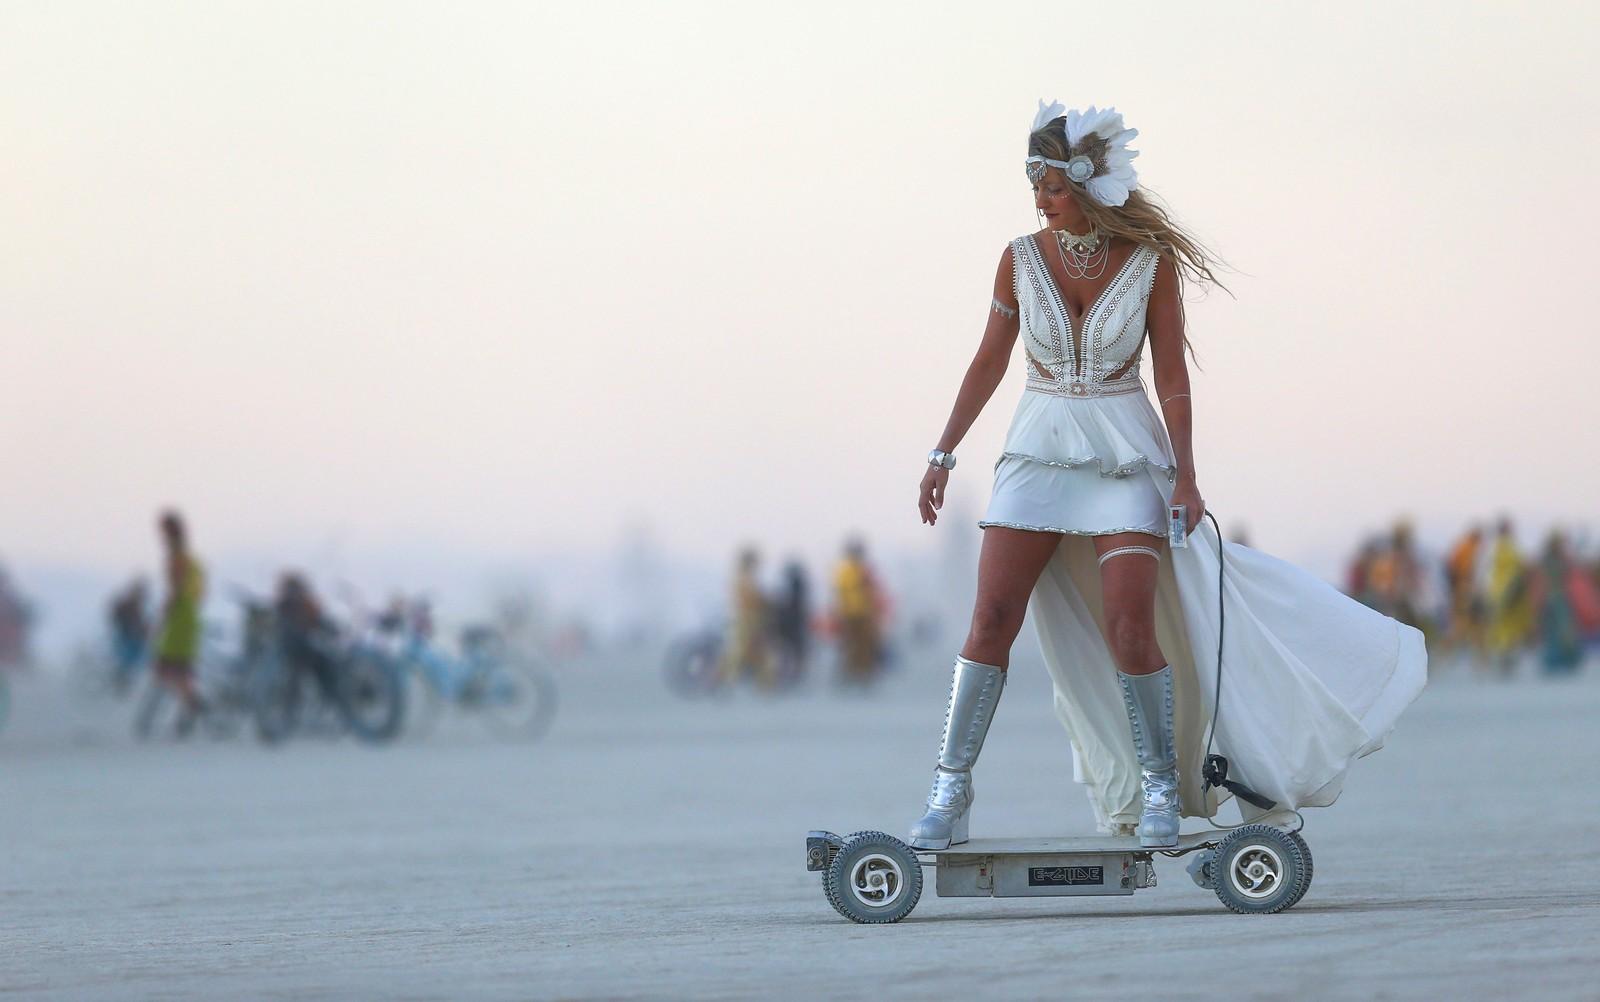 Denne kvinnen på elektrisk scooter er en av deltakerne på festivalen Burning Man i Black Rock-ørkenen i Nevada, USA. I 2015 var det 70.000 mennesker som festet en uke i ørkenen. Burning Man er en musikk- og kunstfestival. Målet er at publikum skal være selvforsynte med nesten alt, inkludert mat og drikke, og at det ikke skal være spor etter dem når festivalen er ferdig. Bildet er tatt 31. august.